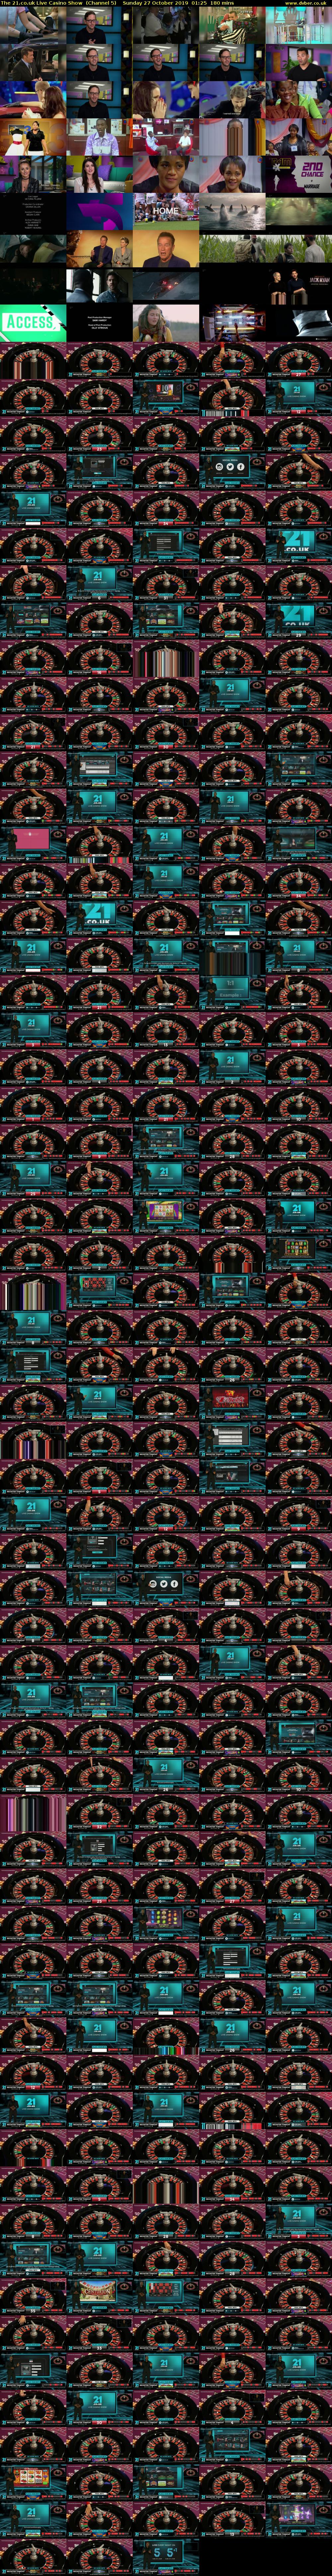 Casino 21 Uk